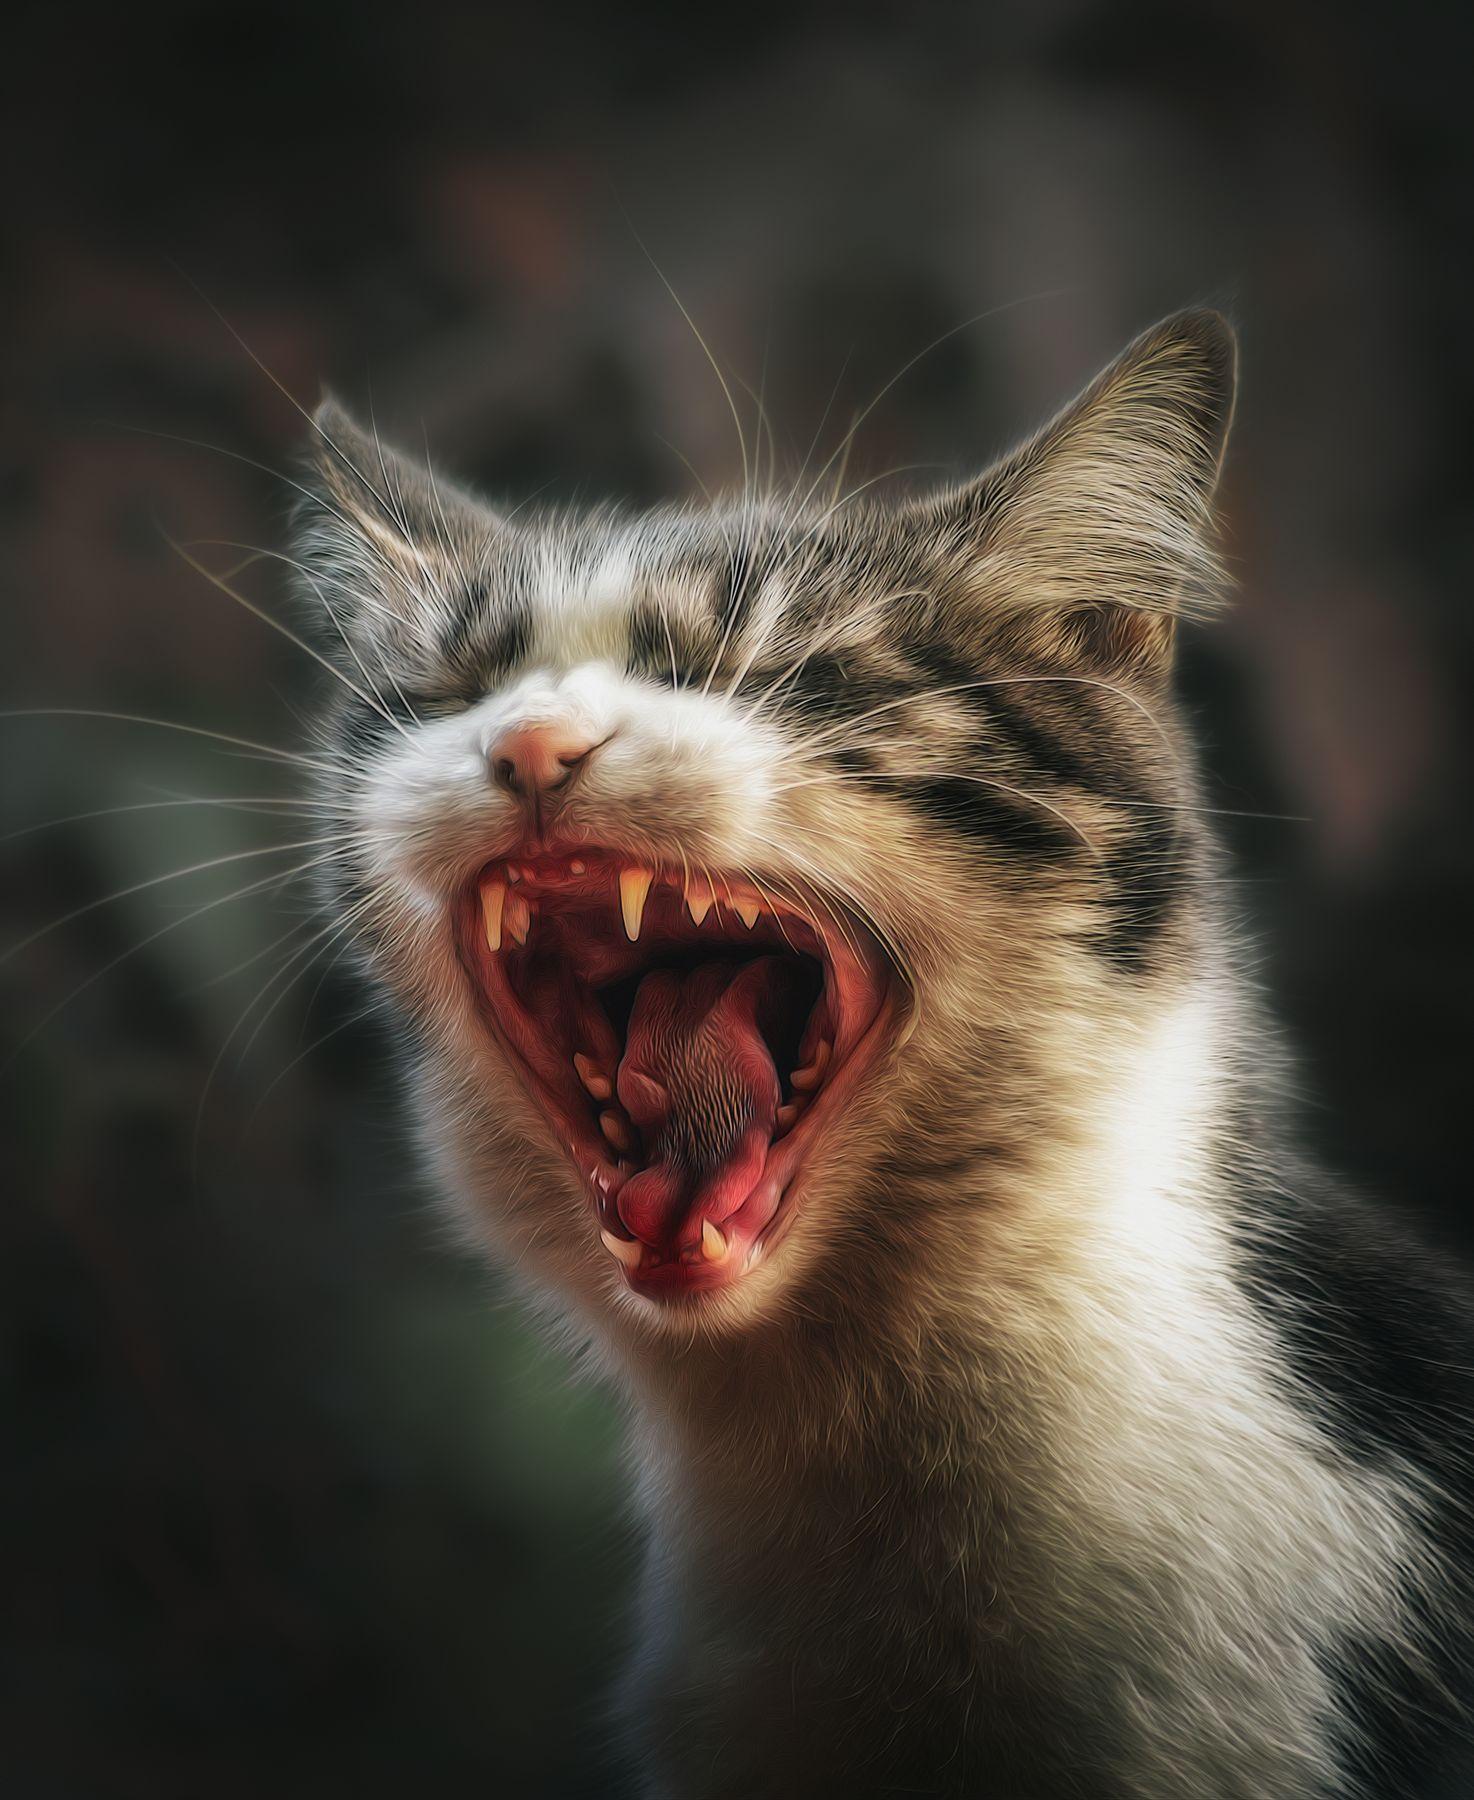 Пора на приём к стоматологу )) кошка осень портрет день животные фон боке